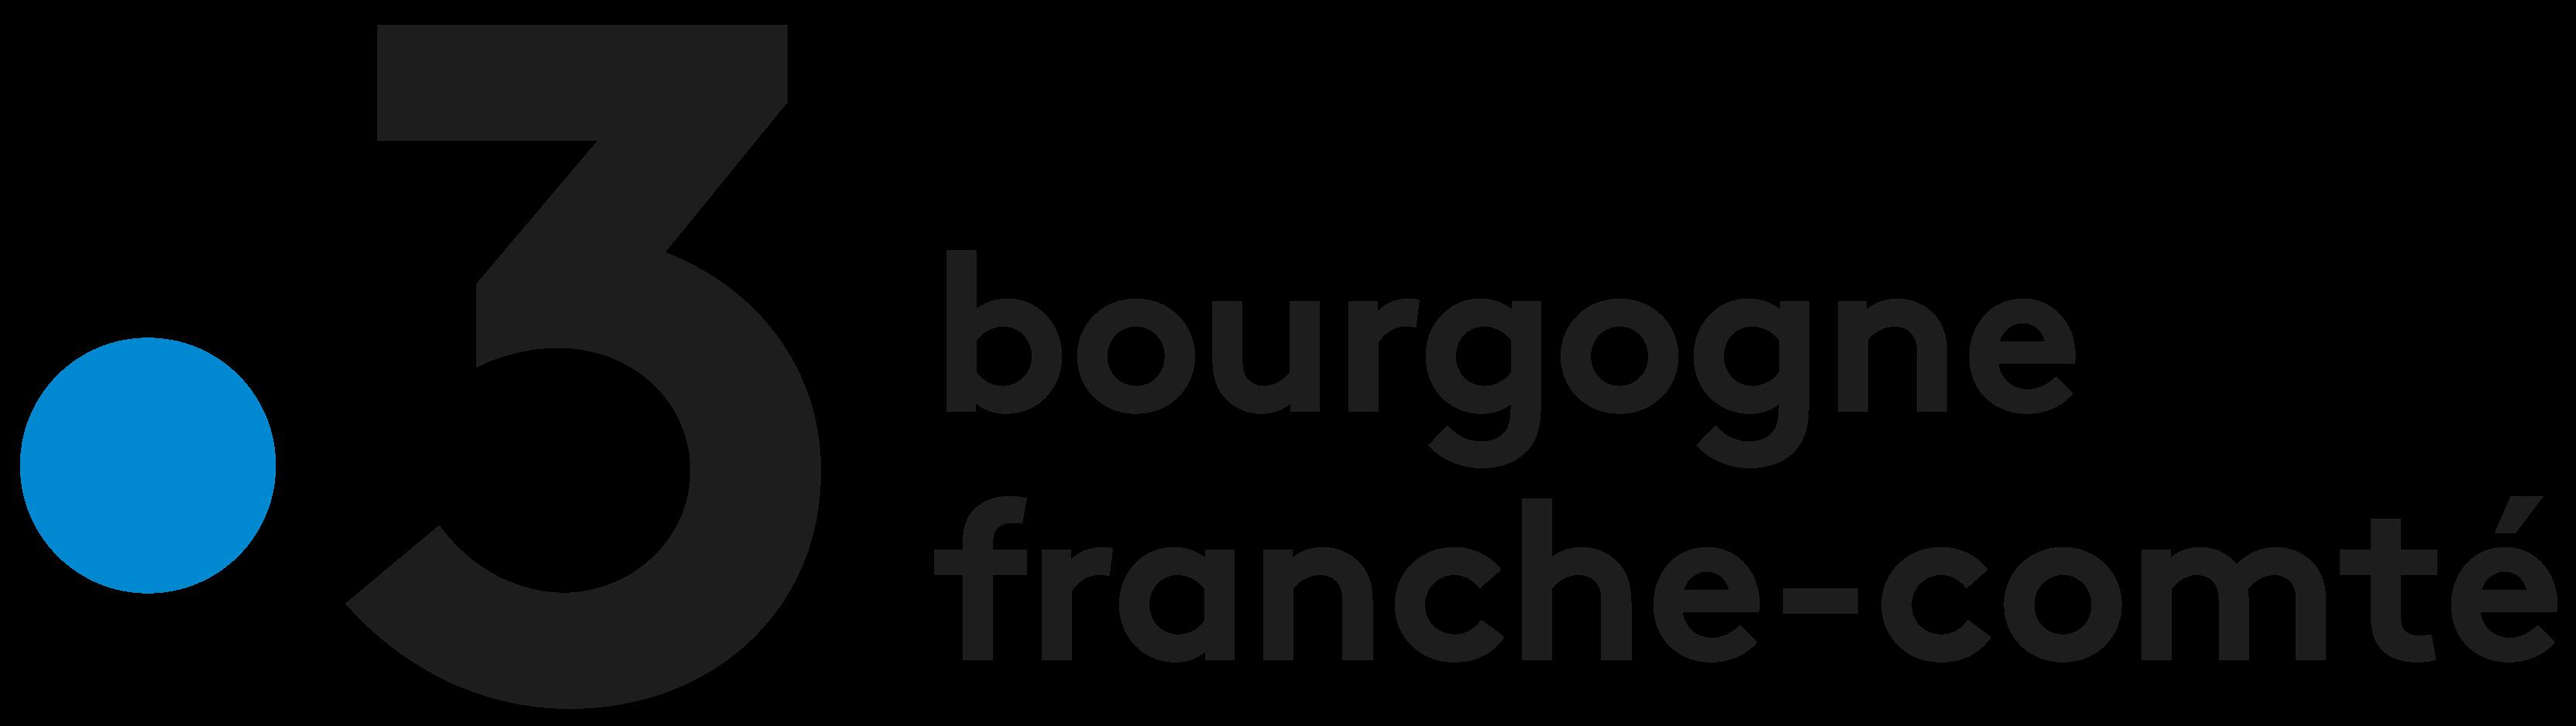 France 3 Bourgogne-Franche-Comte